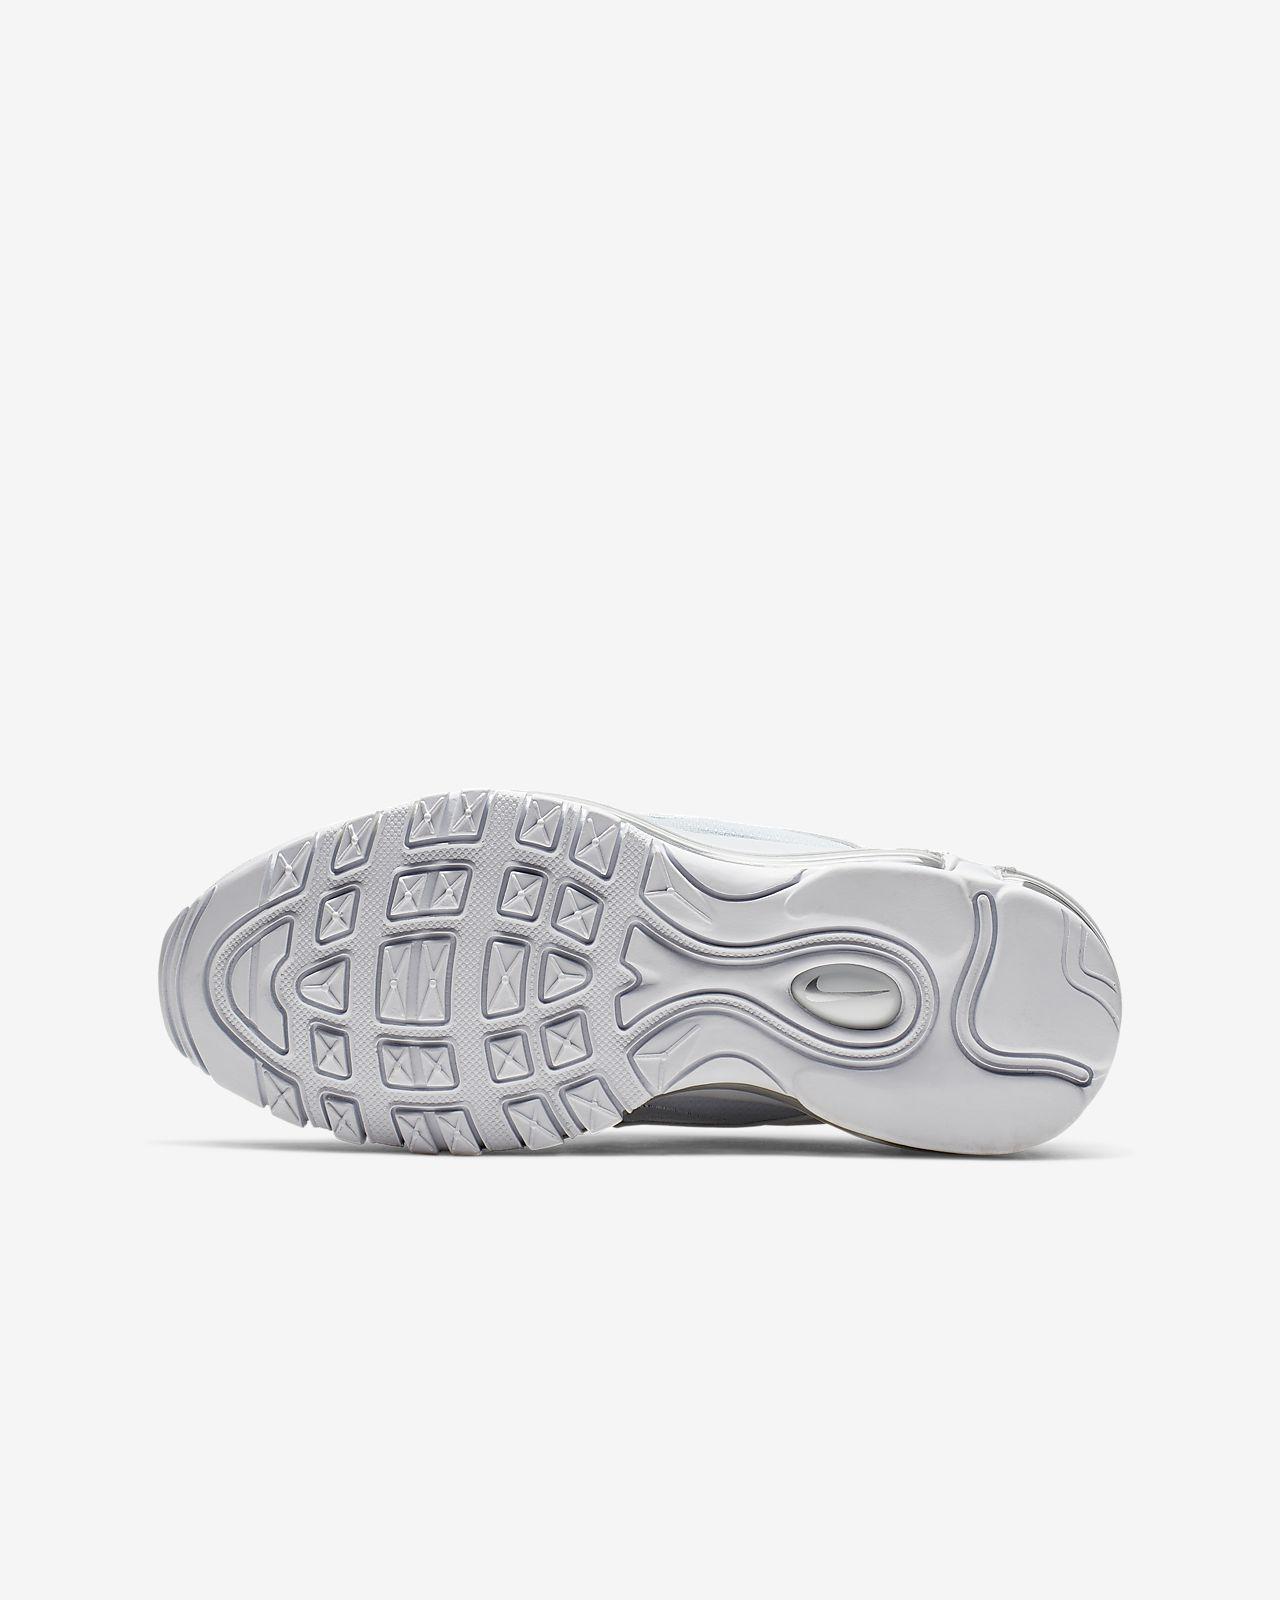 Foosh The women's Nike Air Max 97 LX, featuring a